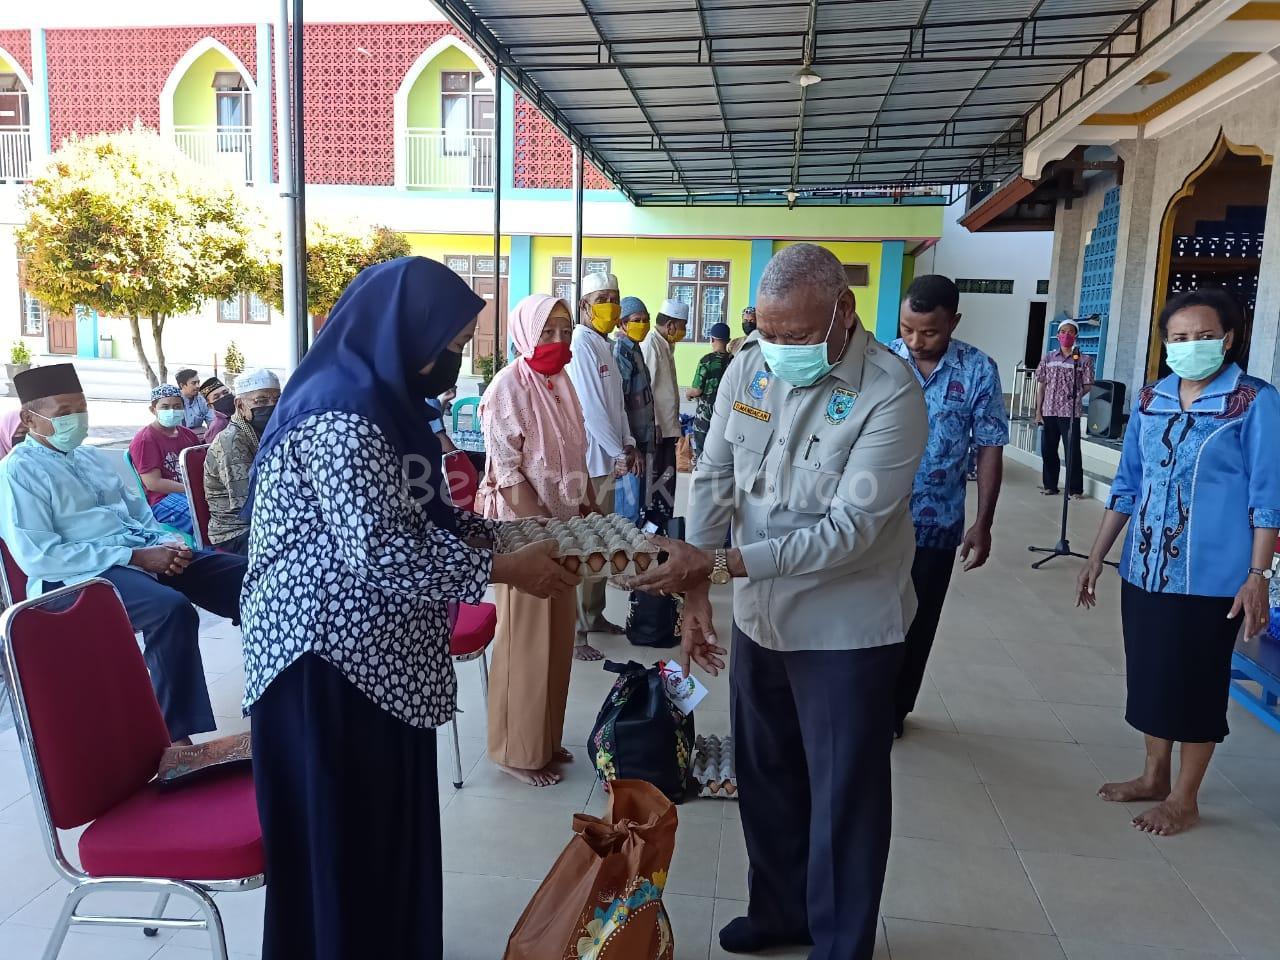 Peduli Umat, Keluarga Mandacan-Kiriweno Serahkan 1.250 Paket Bapok ke Gereja Dan Masjid 2 IMG 20200416 WA0055 1